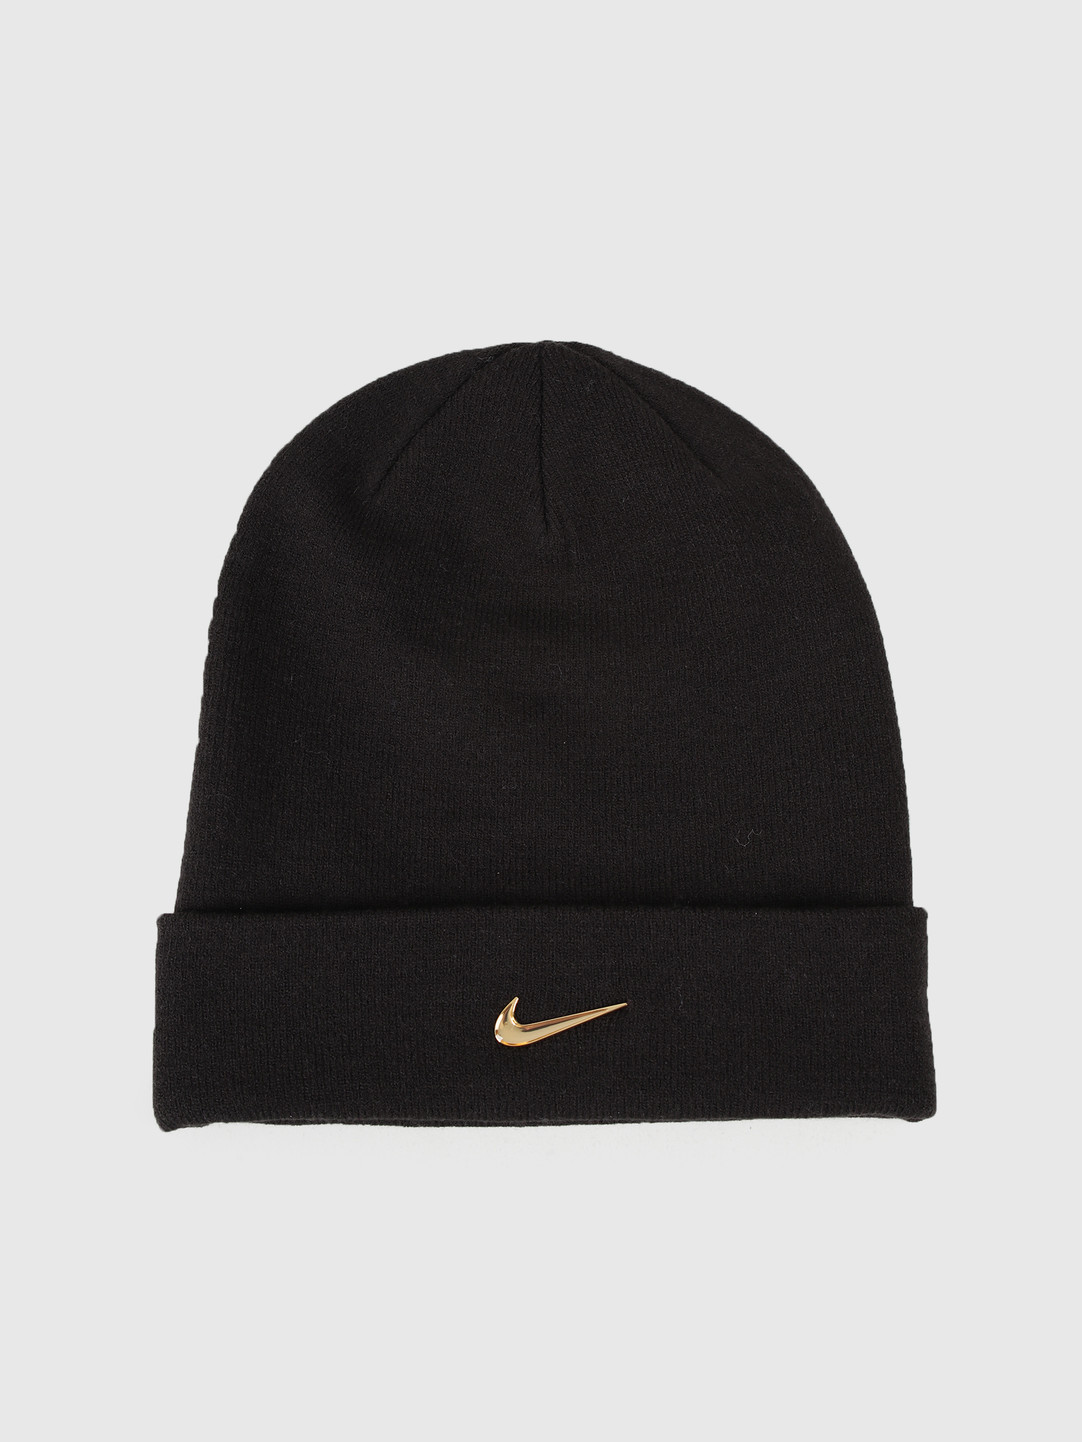 Nike Nike Swoosh Beanie Black Metallic Gold 803734-011